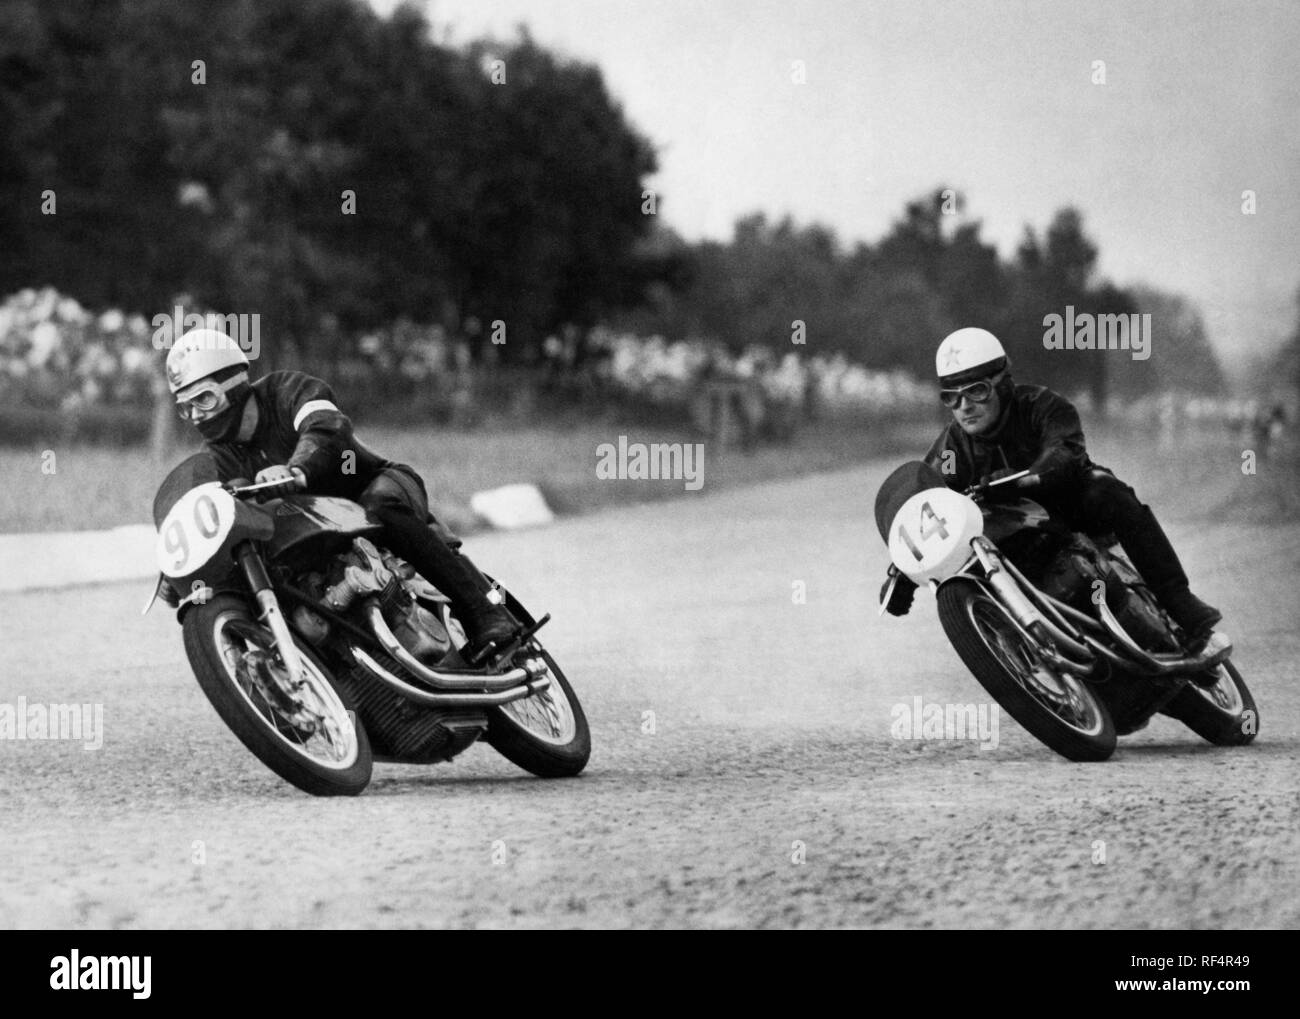 geoff duke and carlo bandirola, gran premio delle nazioni, 1953 Stock Photo